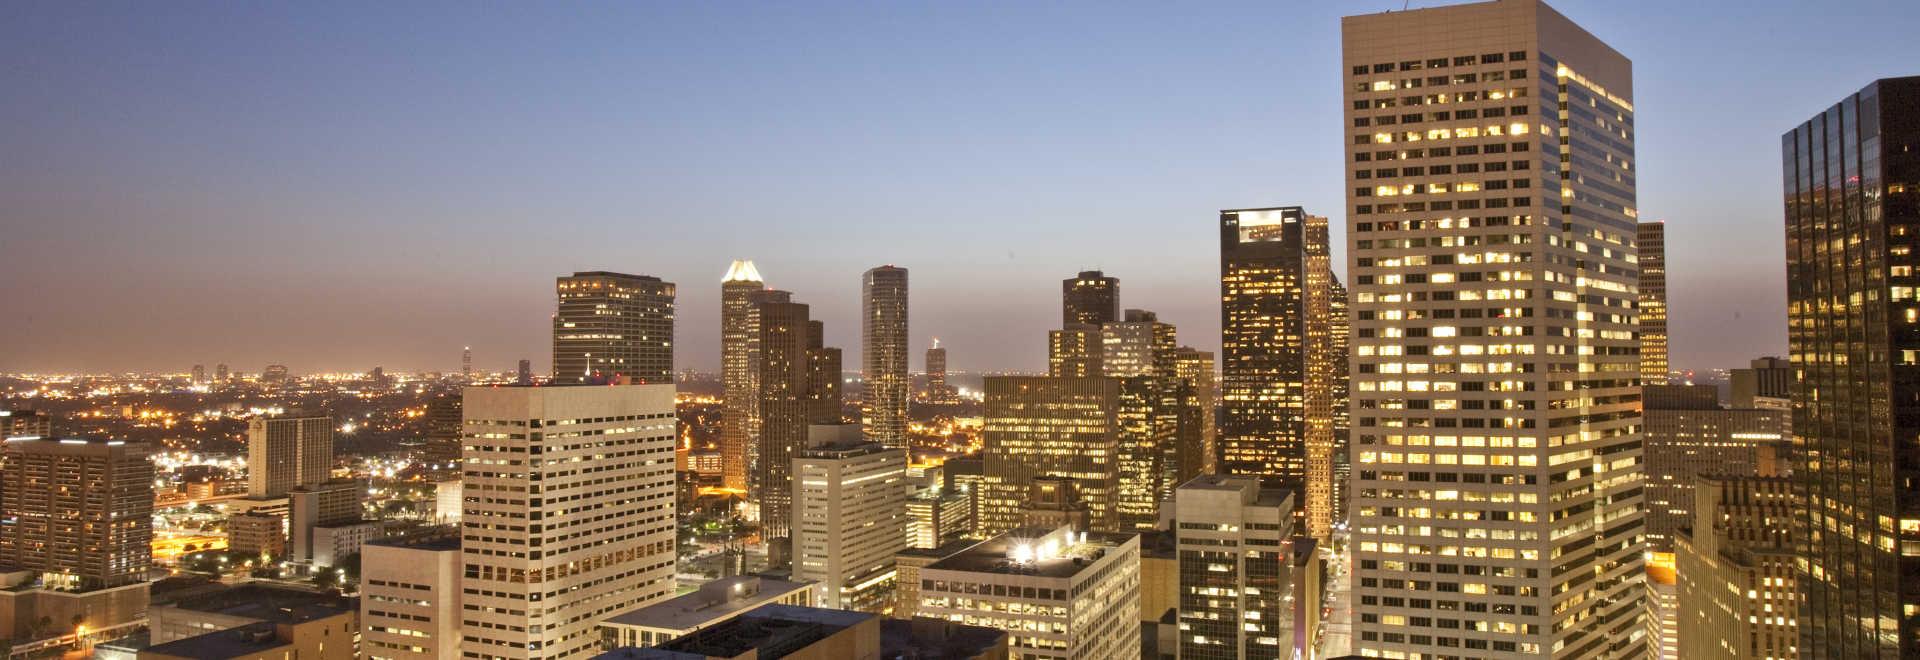 Entertainment in Houston Texas